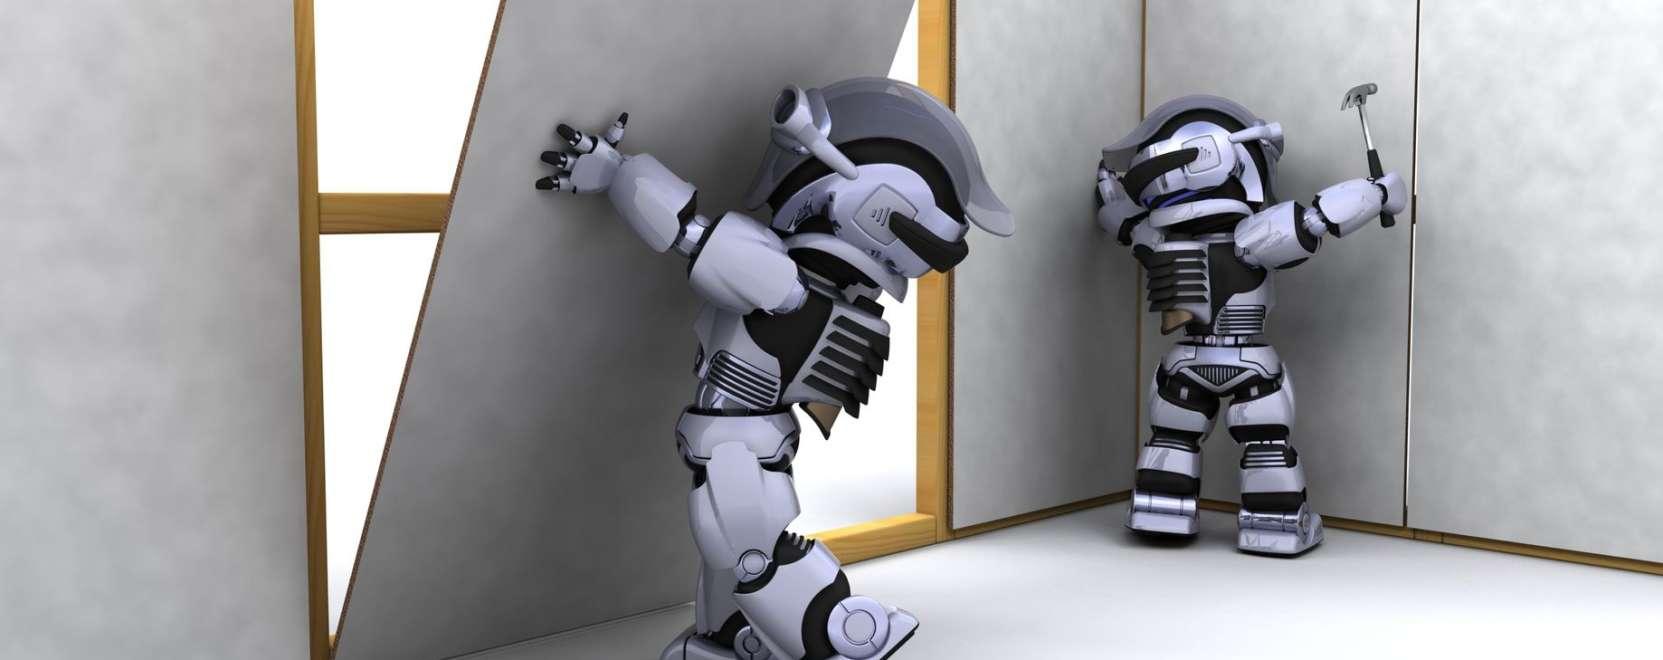 kereskedelmi szövetségi robot egy személy aki segít pénzt keresni